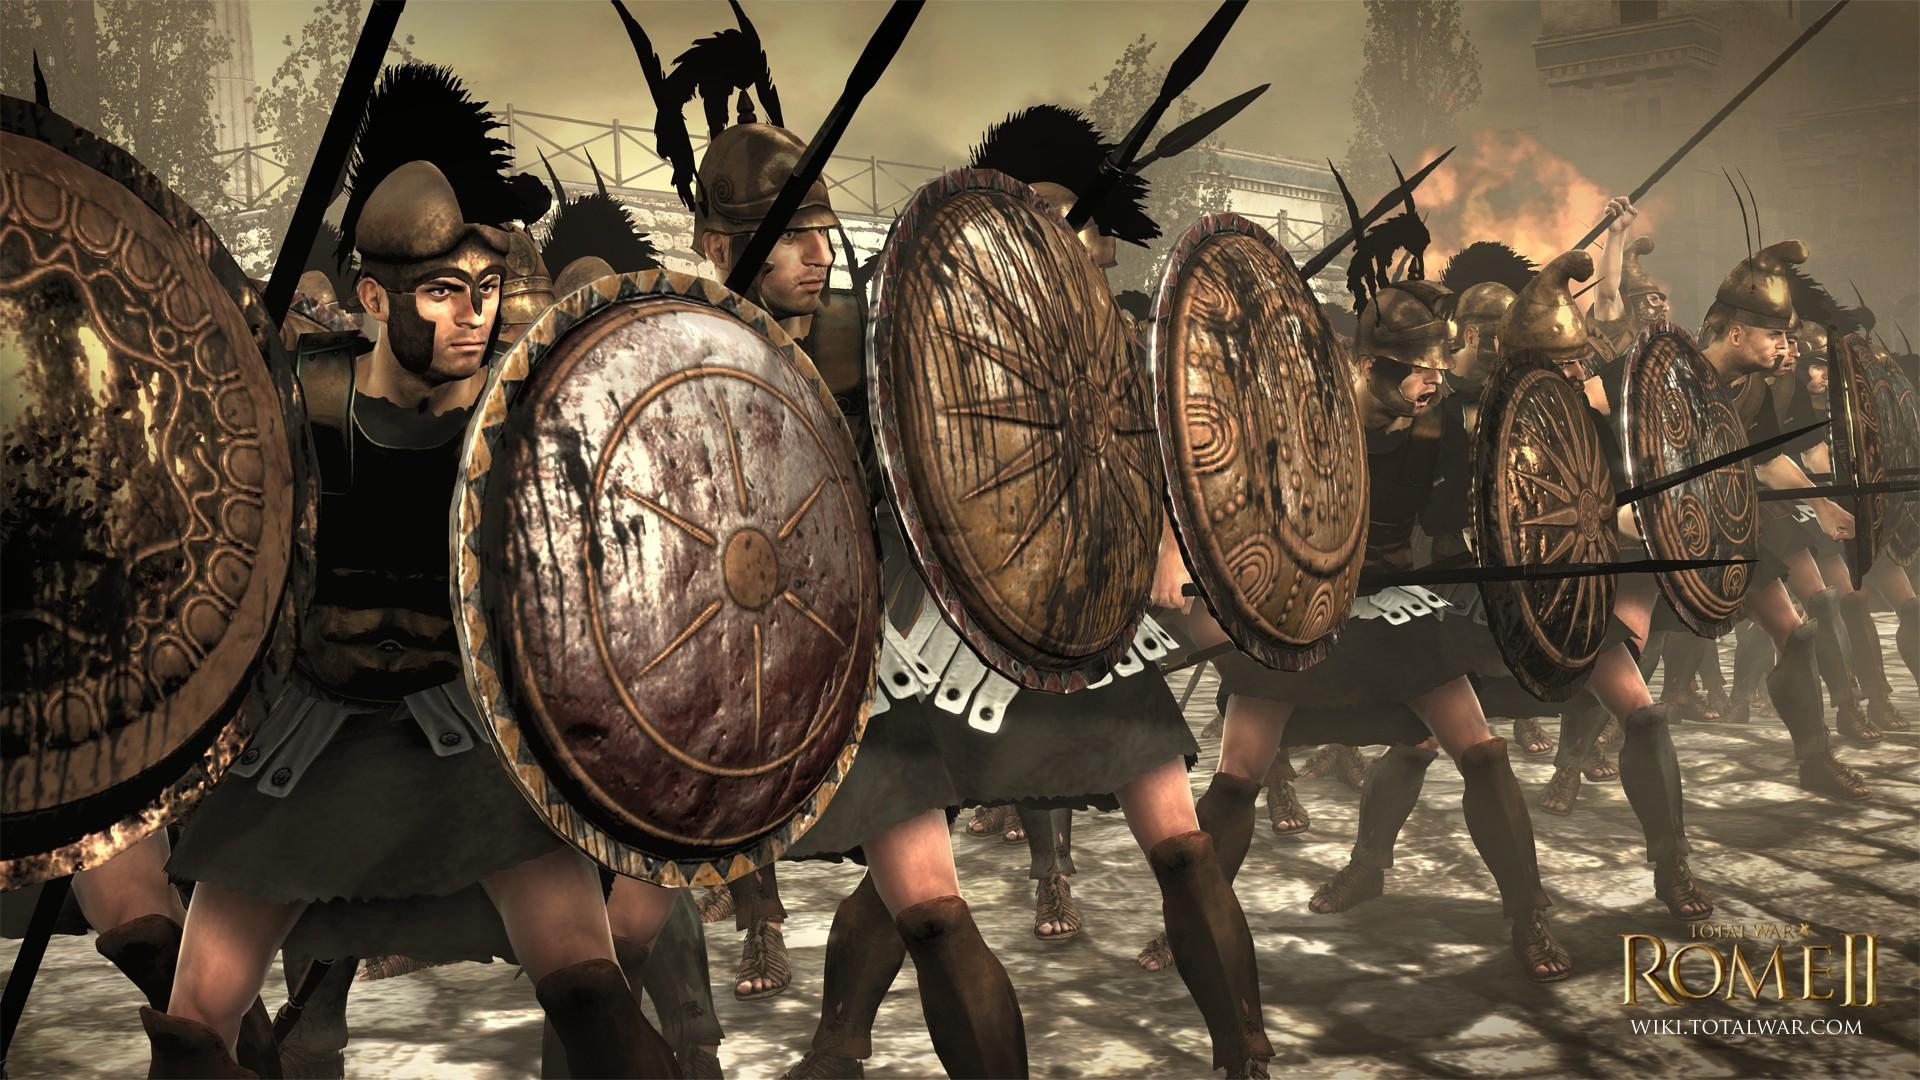 罗马全面战争图片